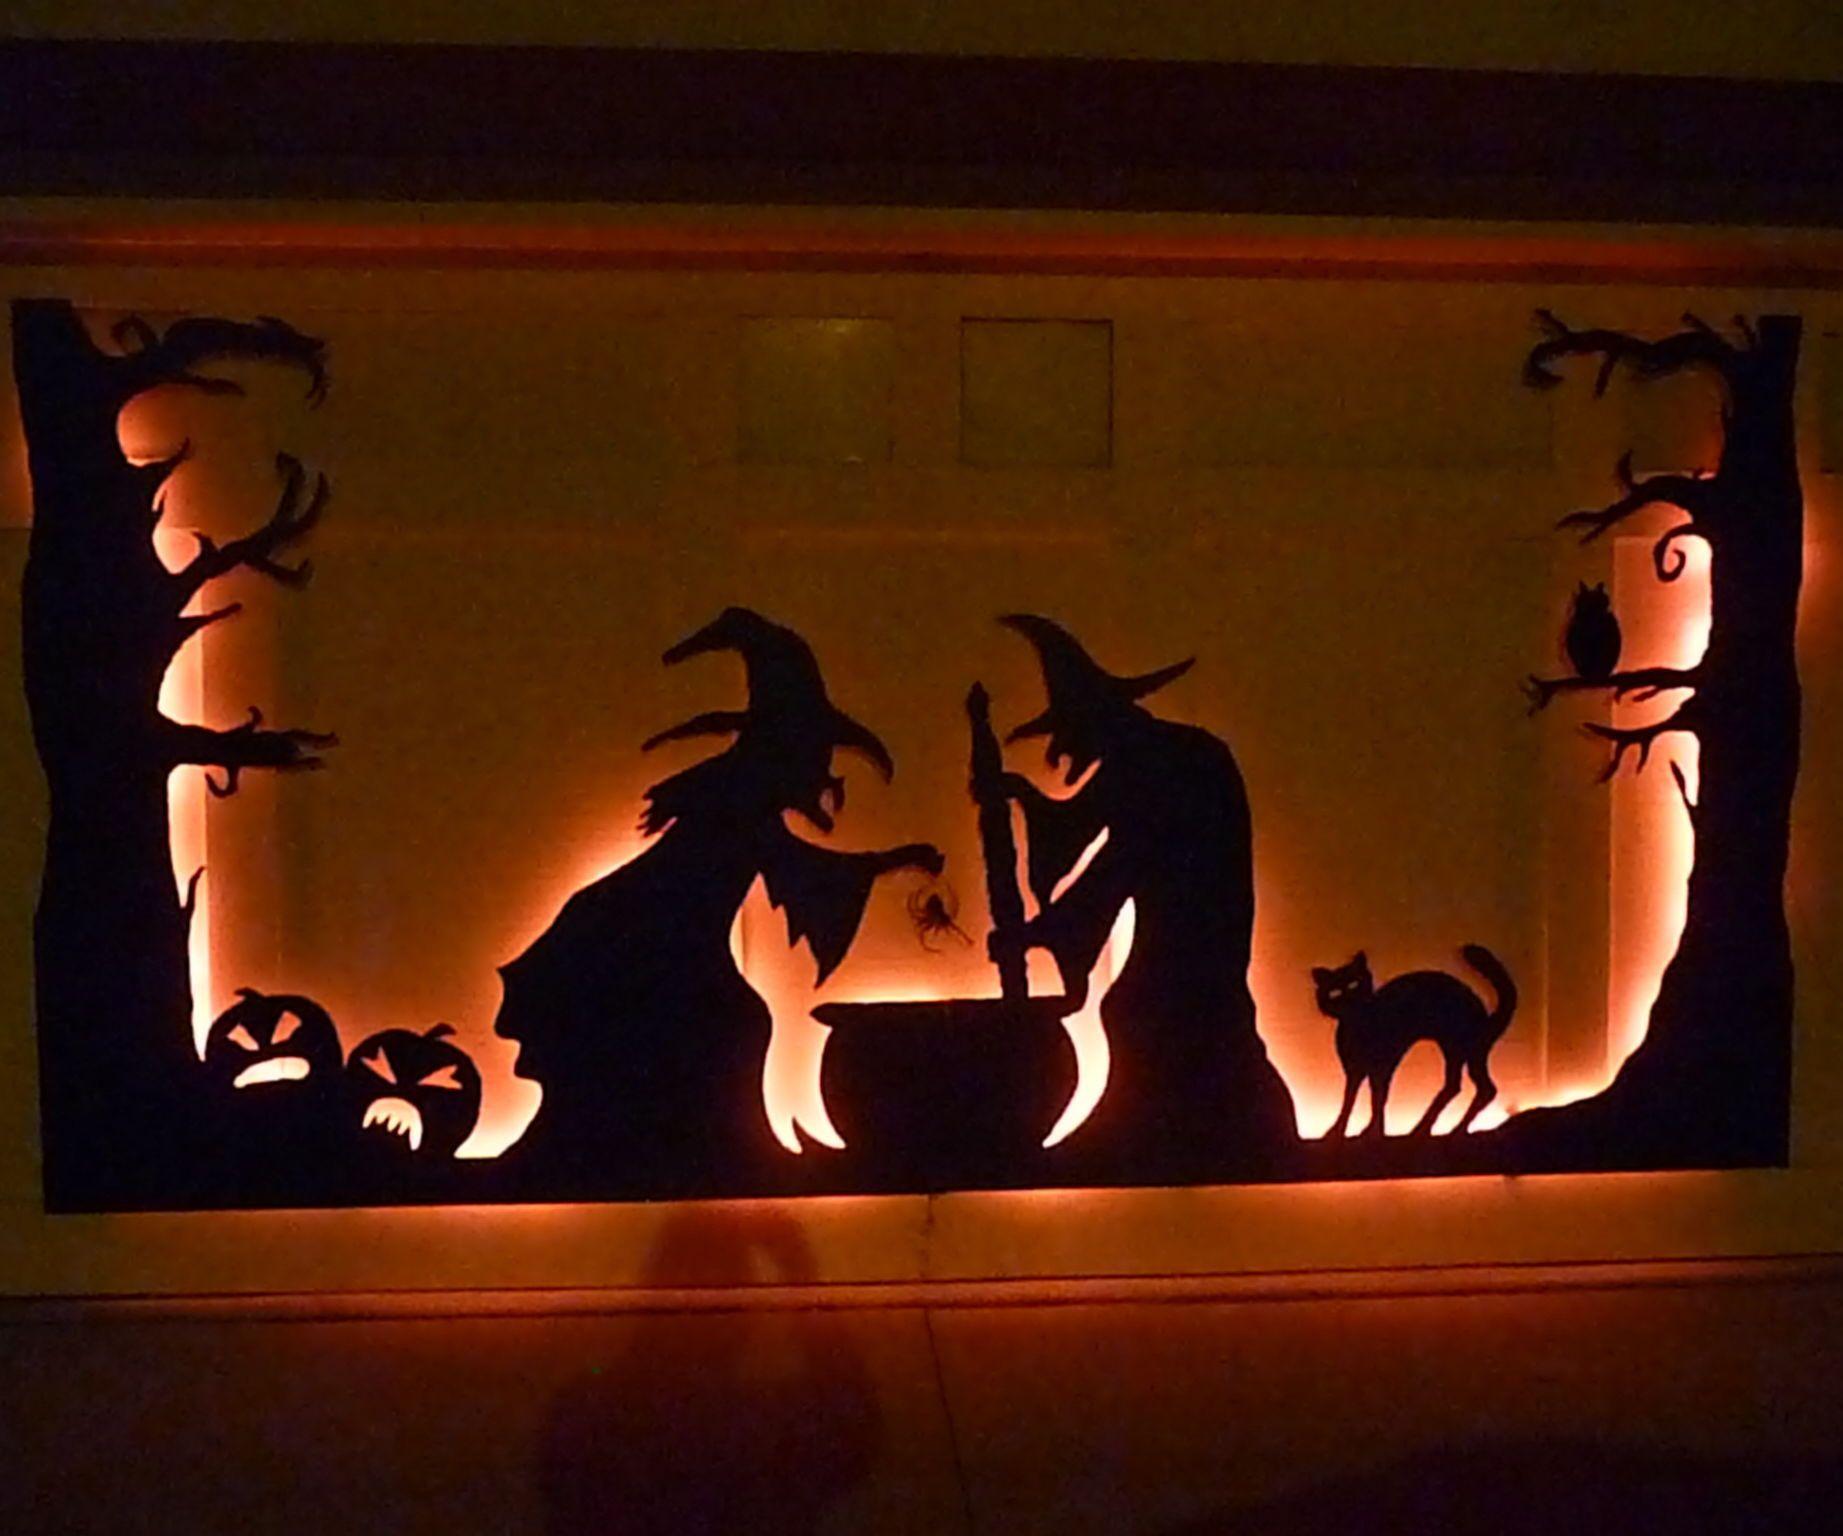 Halloween garage door silhouette garage doors halloween scene and